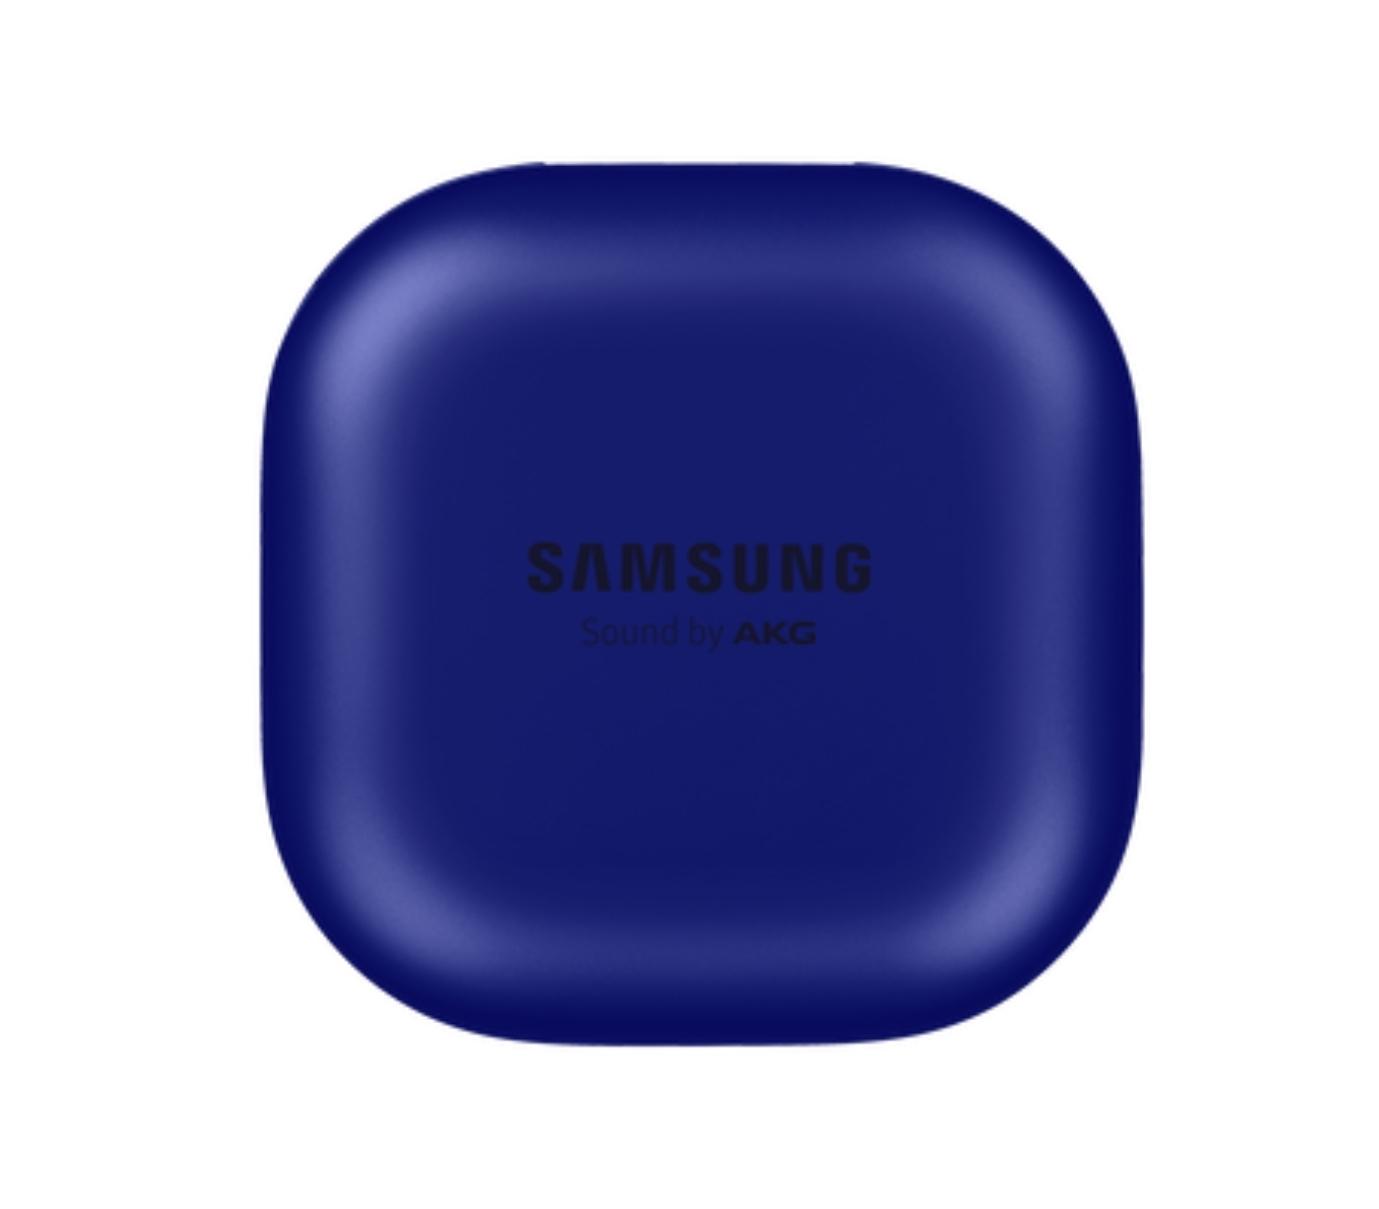 Tai Nghe Bluetooth Samsung Galaxy Buds Live ( Bean ) SM-R180 2020 Màu Xanh - Hàng Chính Hãng Nguyên Seal